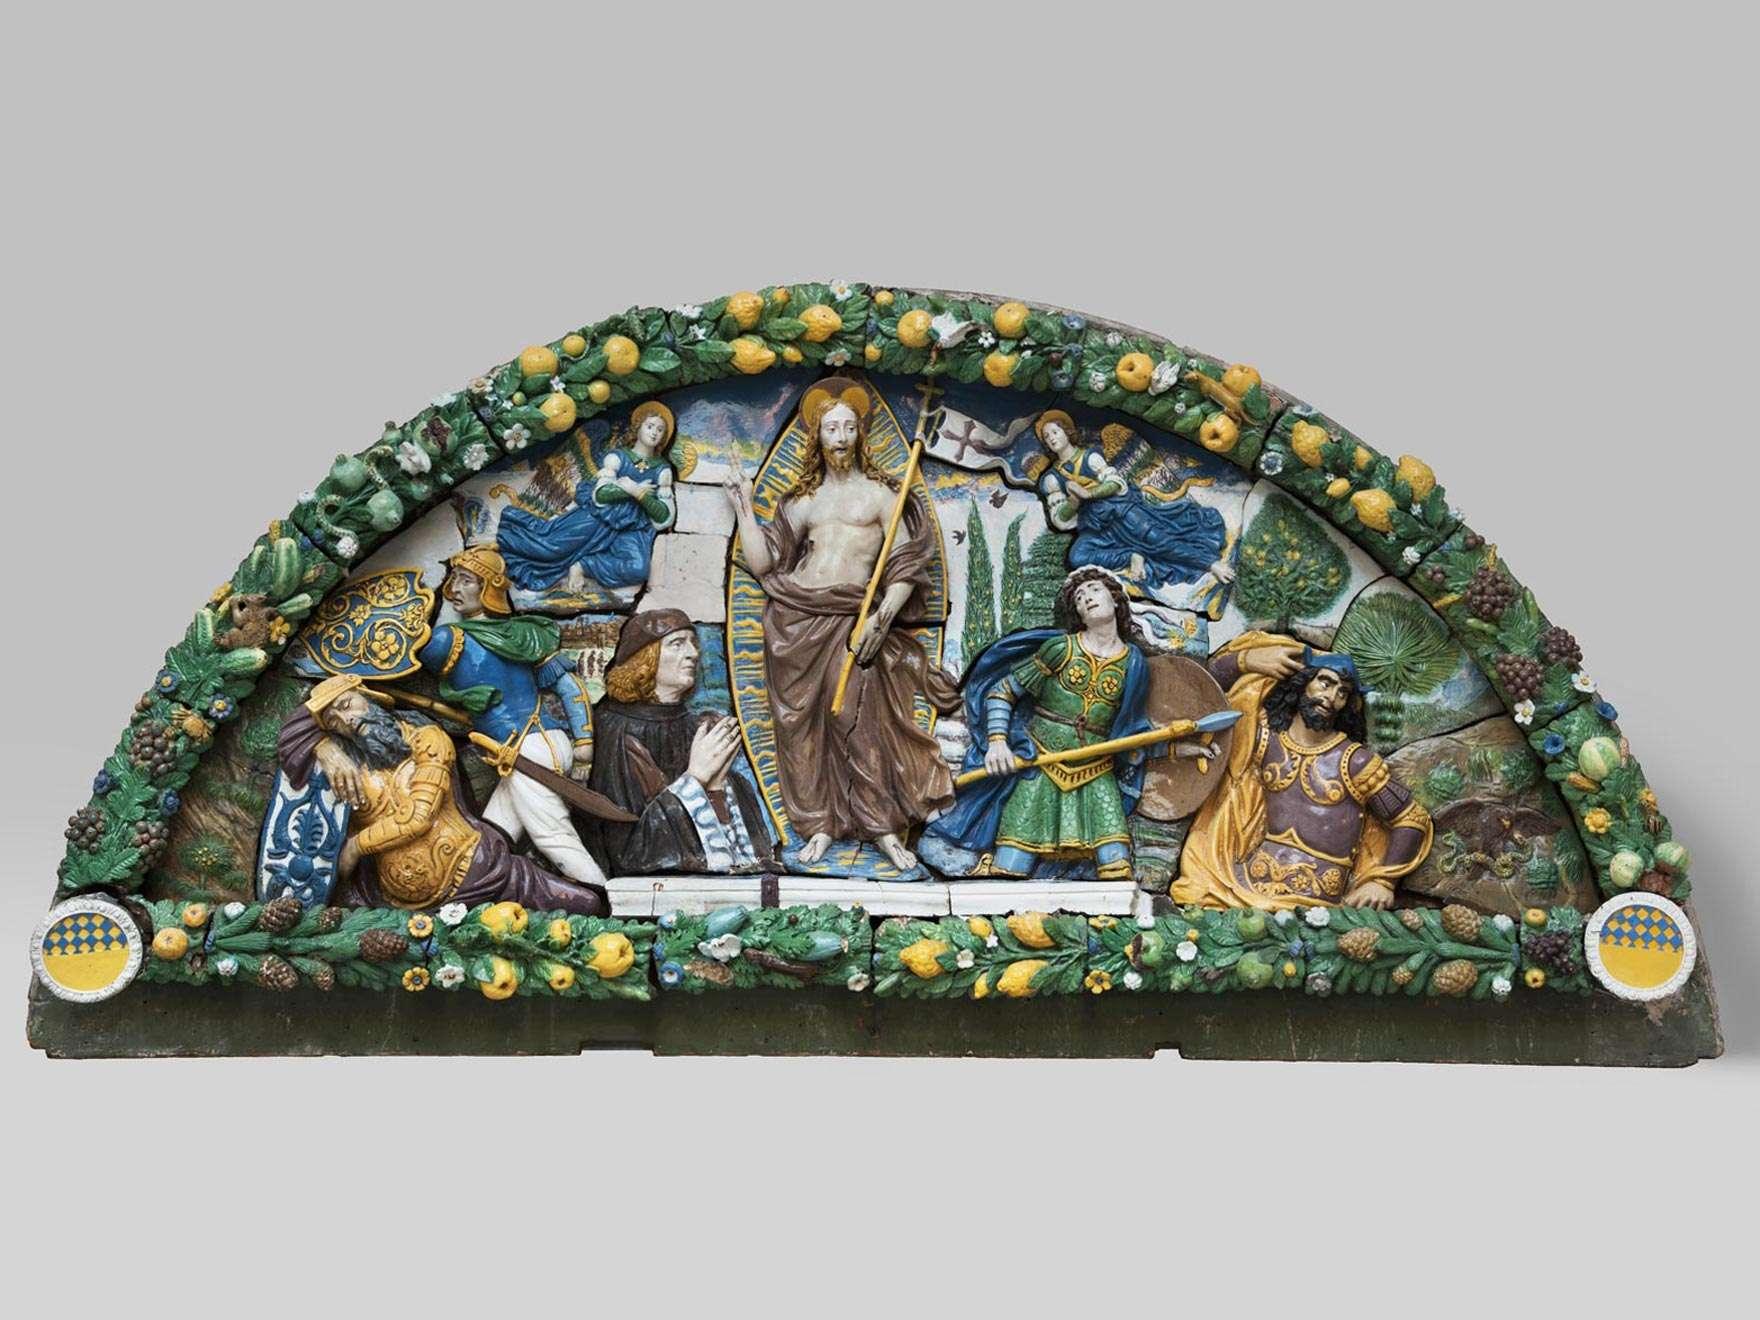 Giovanni della Robbia, Resurrection of Christ, about 1520-24